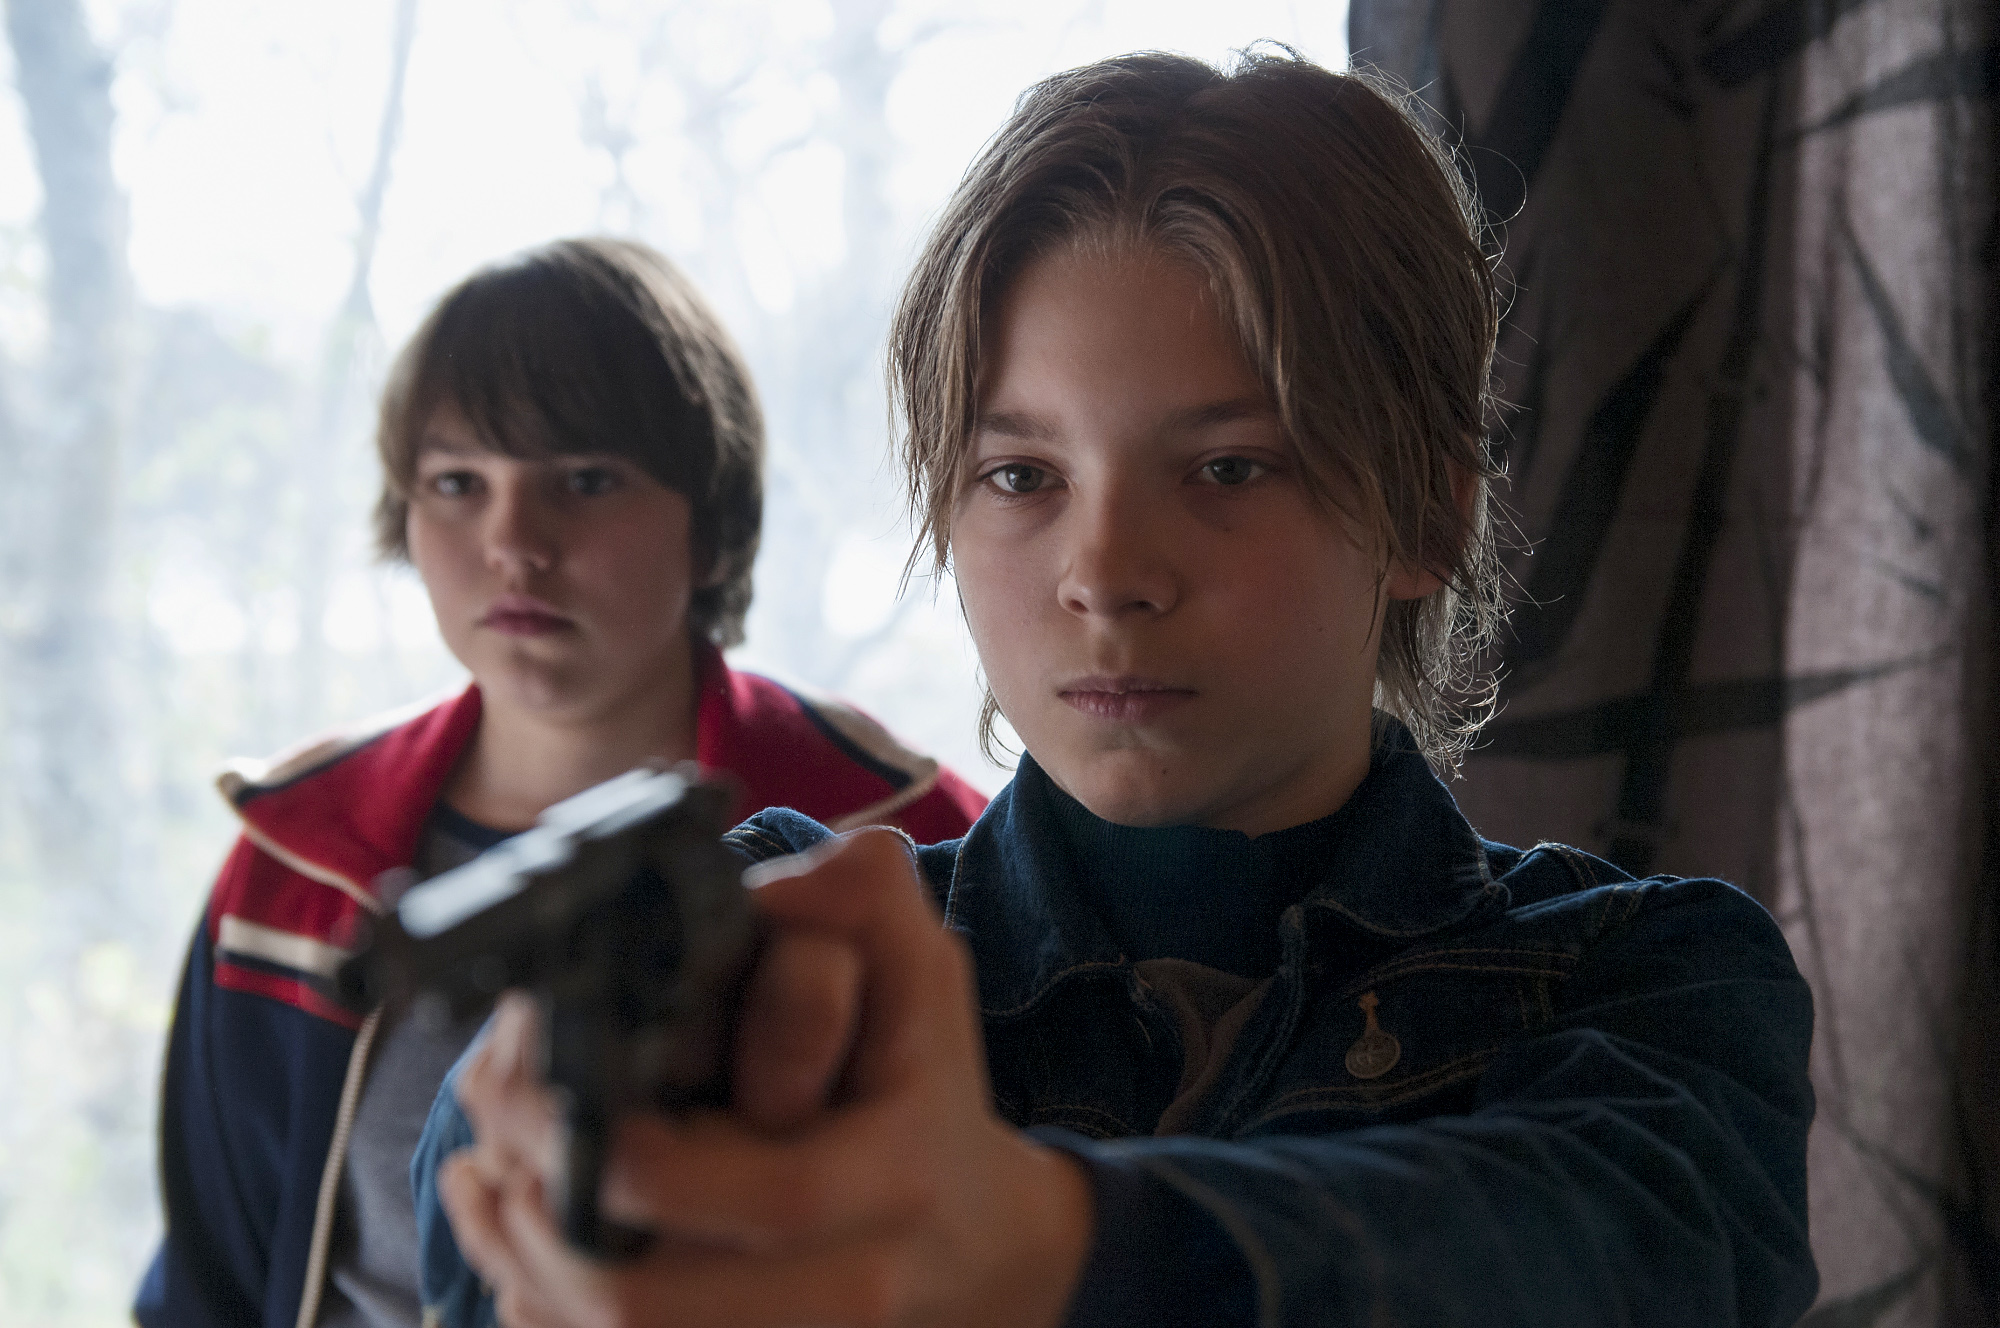 В рамках 39 Московского международного кинофестиваля  состоится международная премьера фильма  «Звездачи»